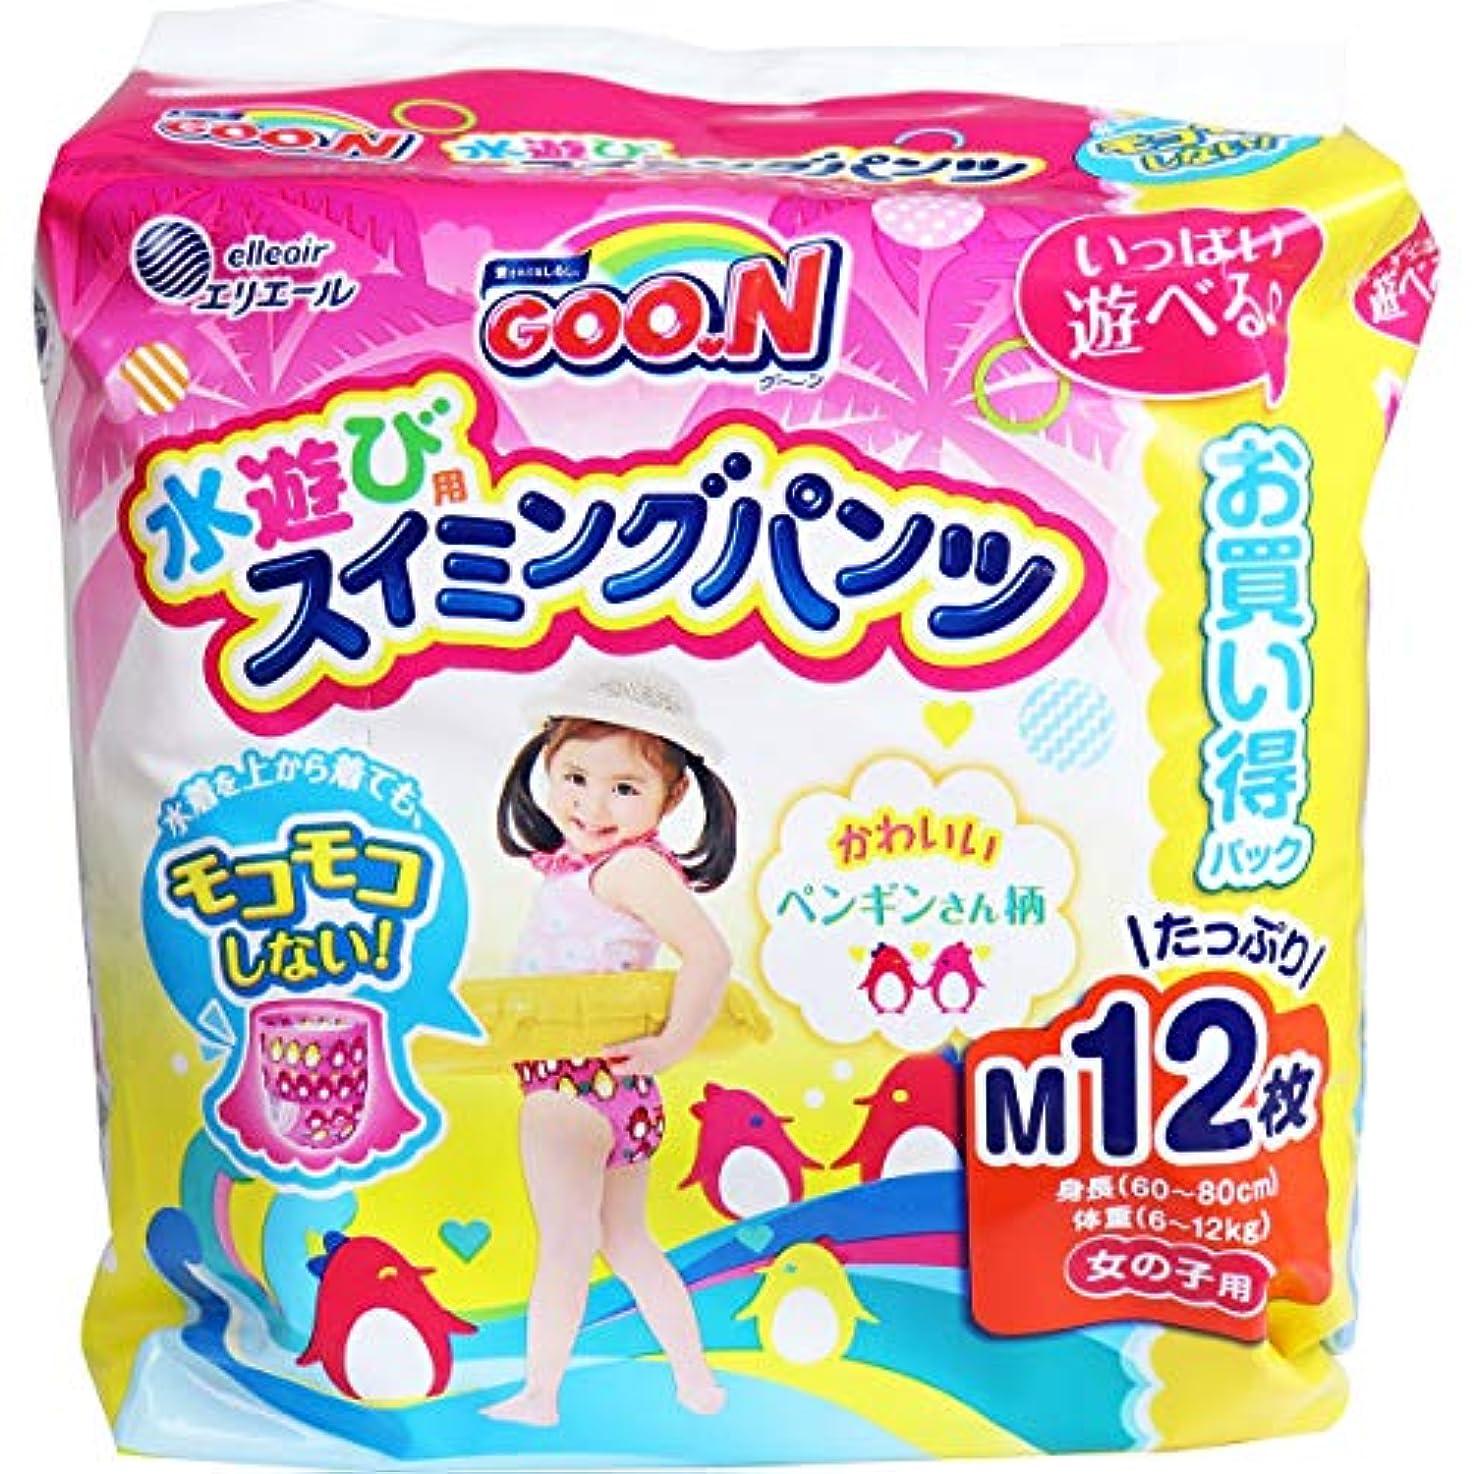 ダブル調停する低いグーン 水遊び用スイミングパンツ 女の子用 Mサイズ 12枚入×2個セット